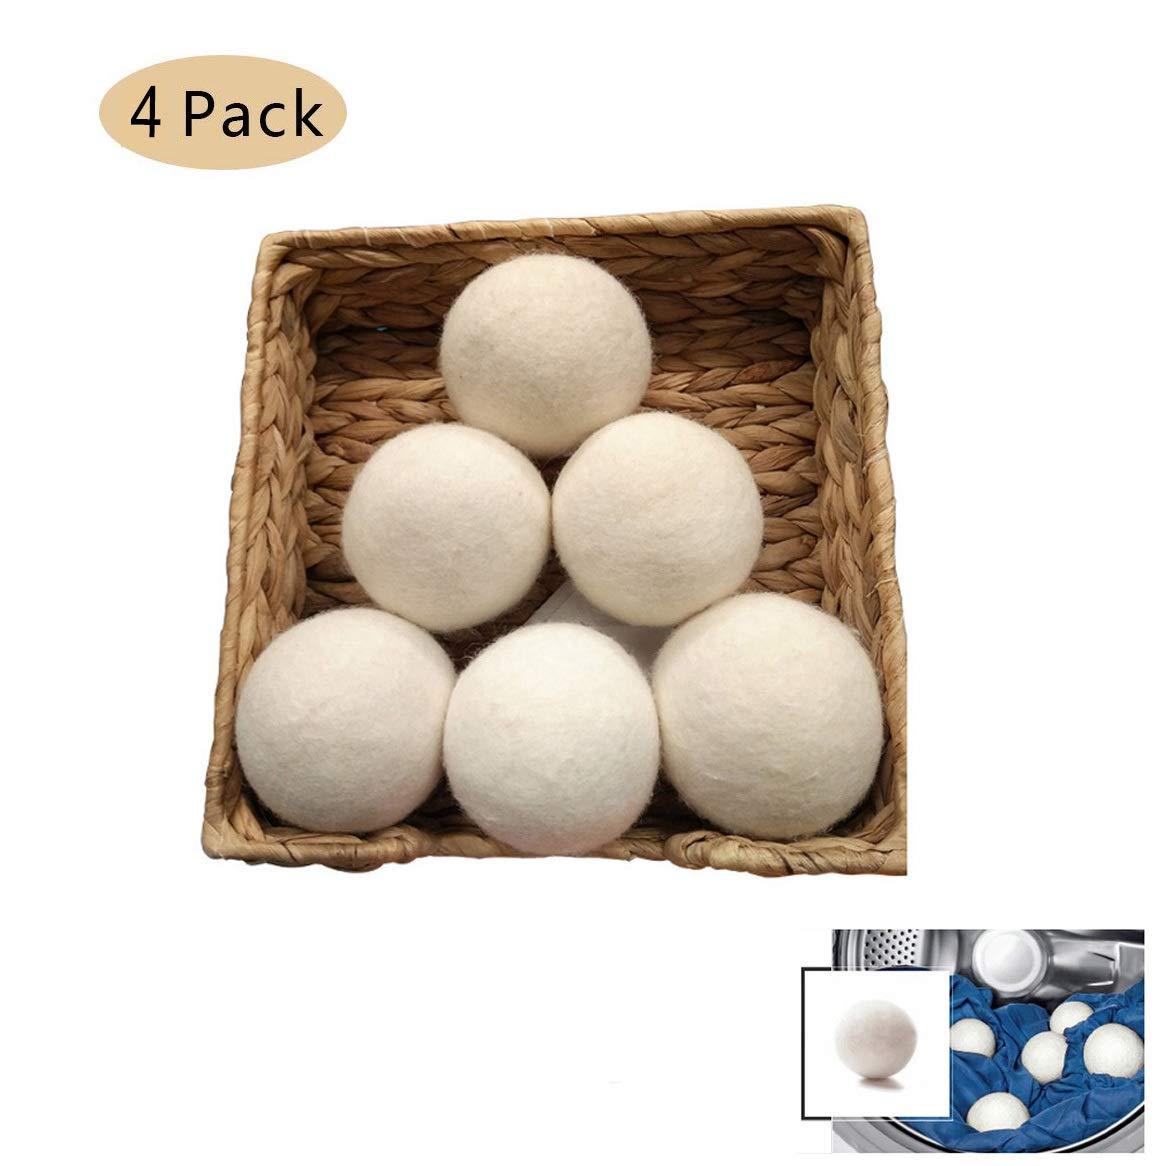 ウールドライヤーボール| 4 PCS有機タンブルドライヤーボール|再利用可能な天然繊維柔軟剤|静電気軽減無香料環境にやさしいタンブル|節約お金、時間と環境|自然にあなたの服を柔らかくしてふわふわさせる B07THKYCZ5